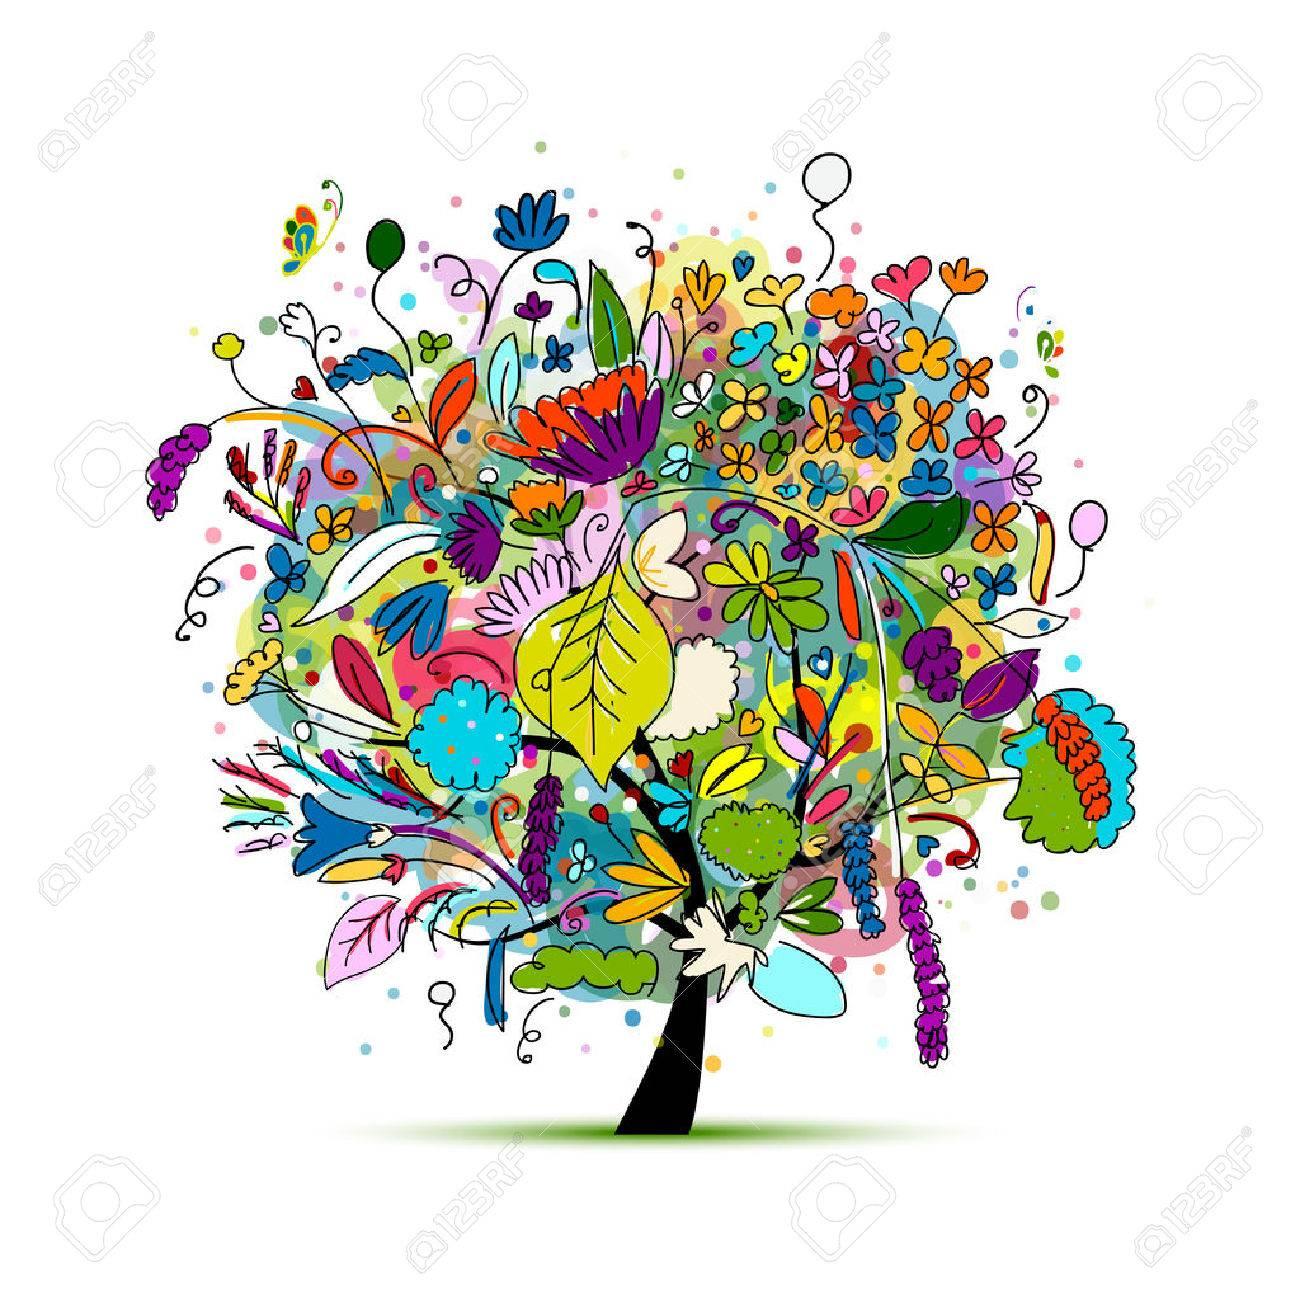 Floral tree for your design. illustration - 68350980